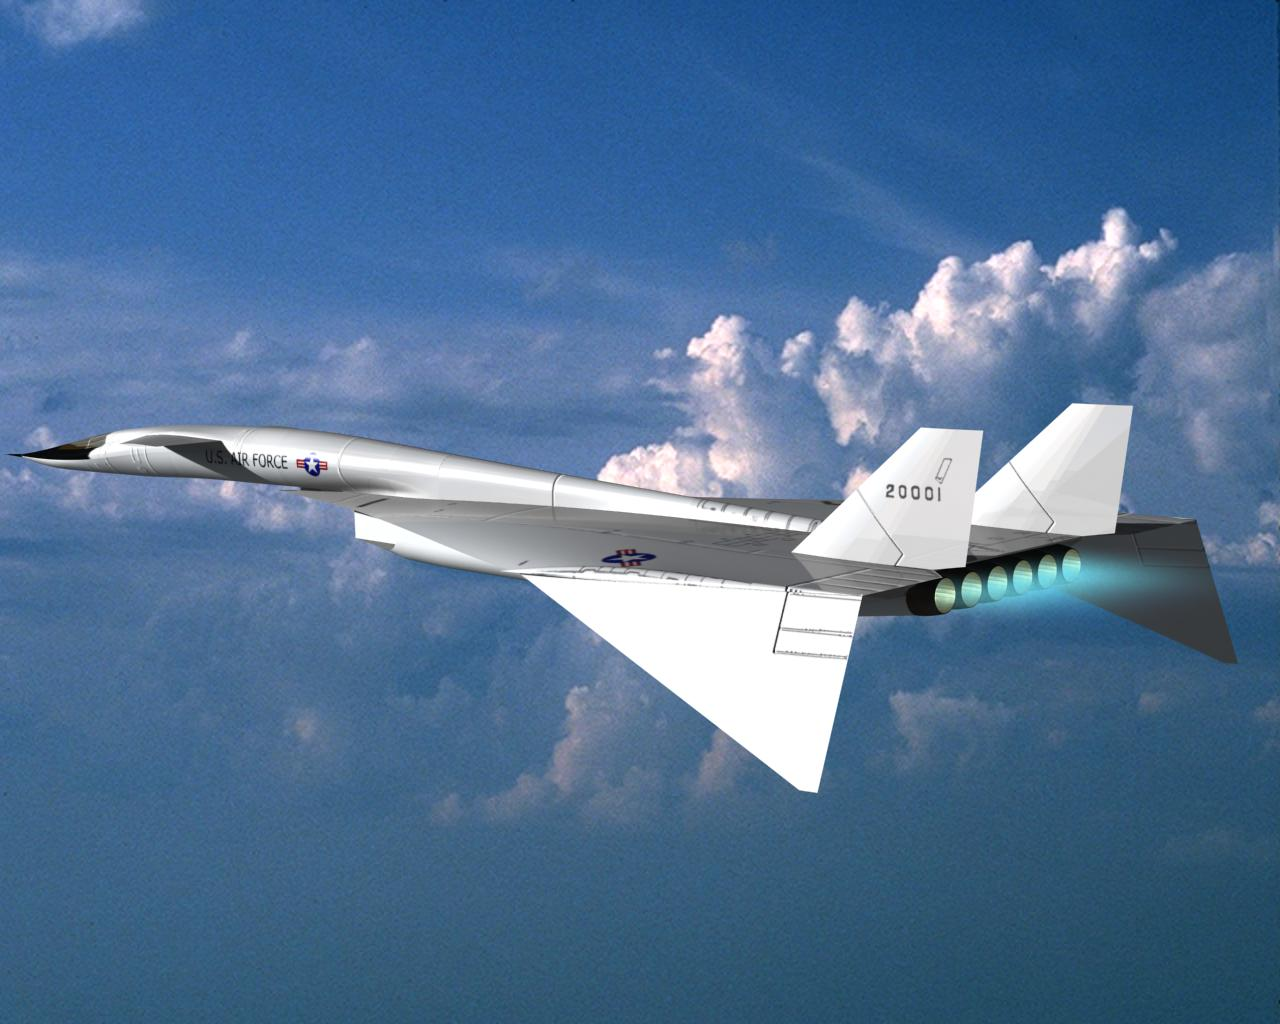 المشاريع العسكرية الأمريكية الملغات  - صفحة 2 XB-70+Valkyrie-4